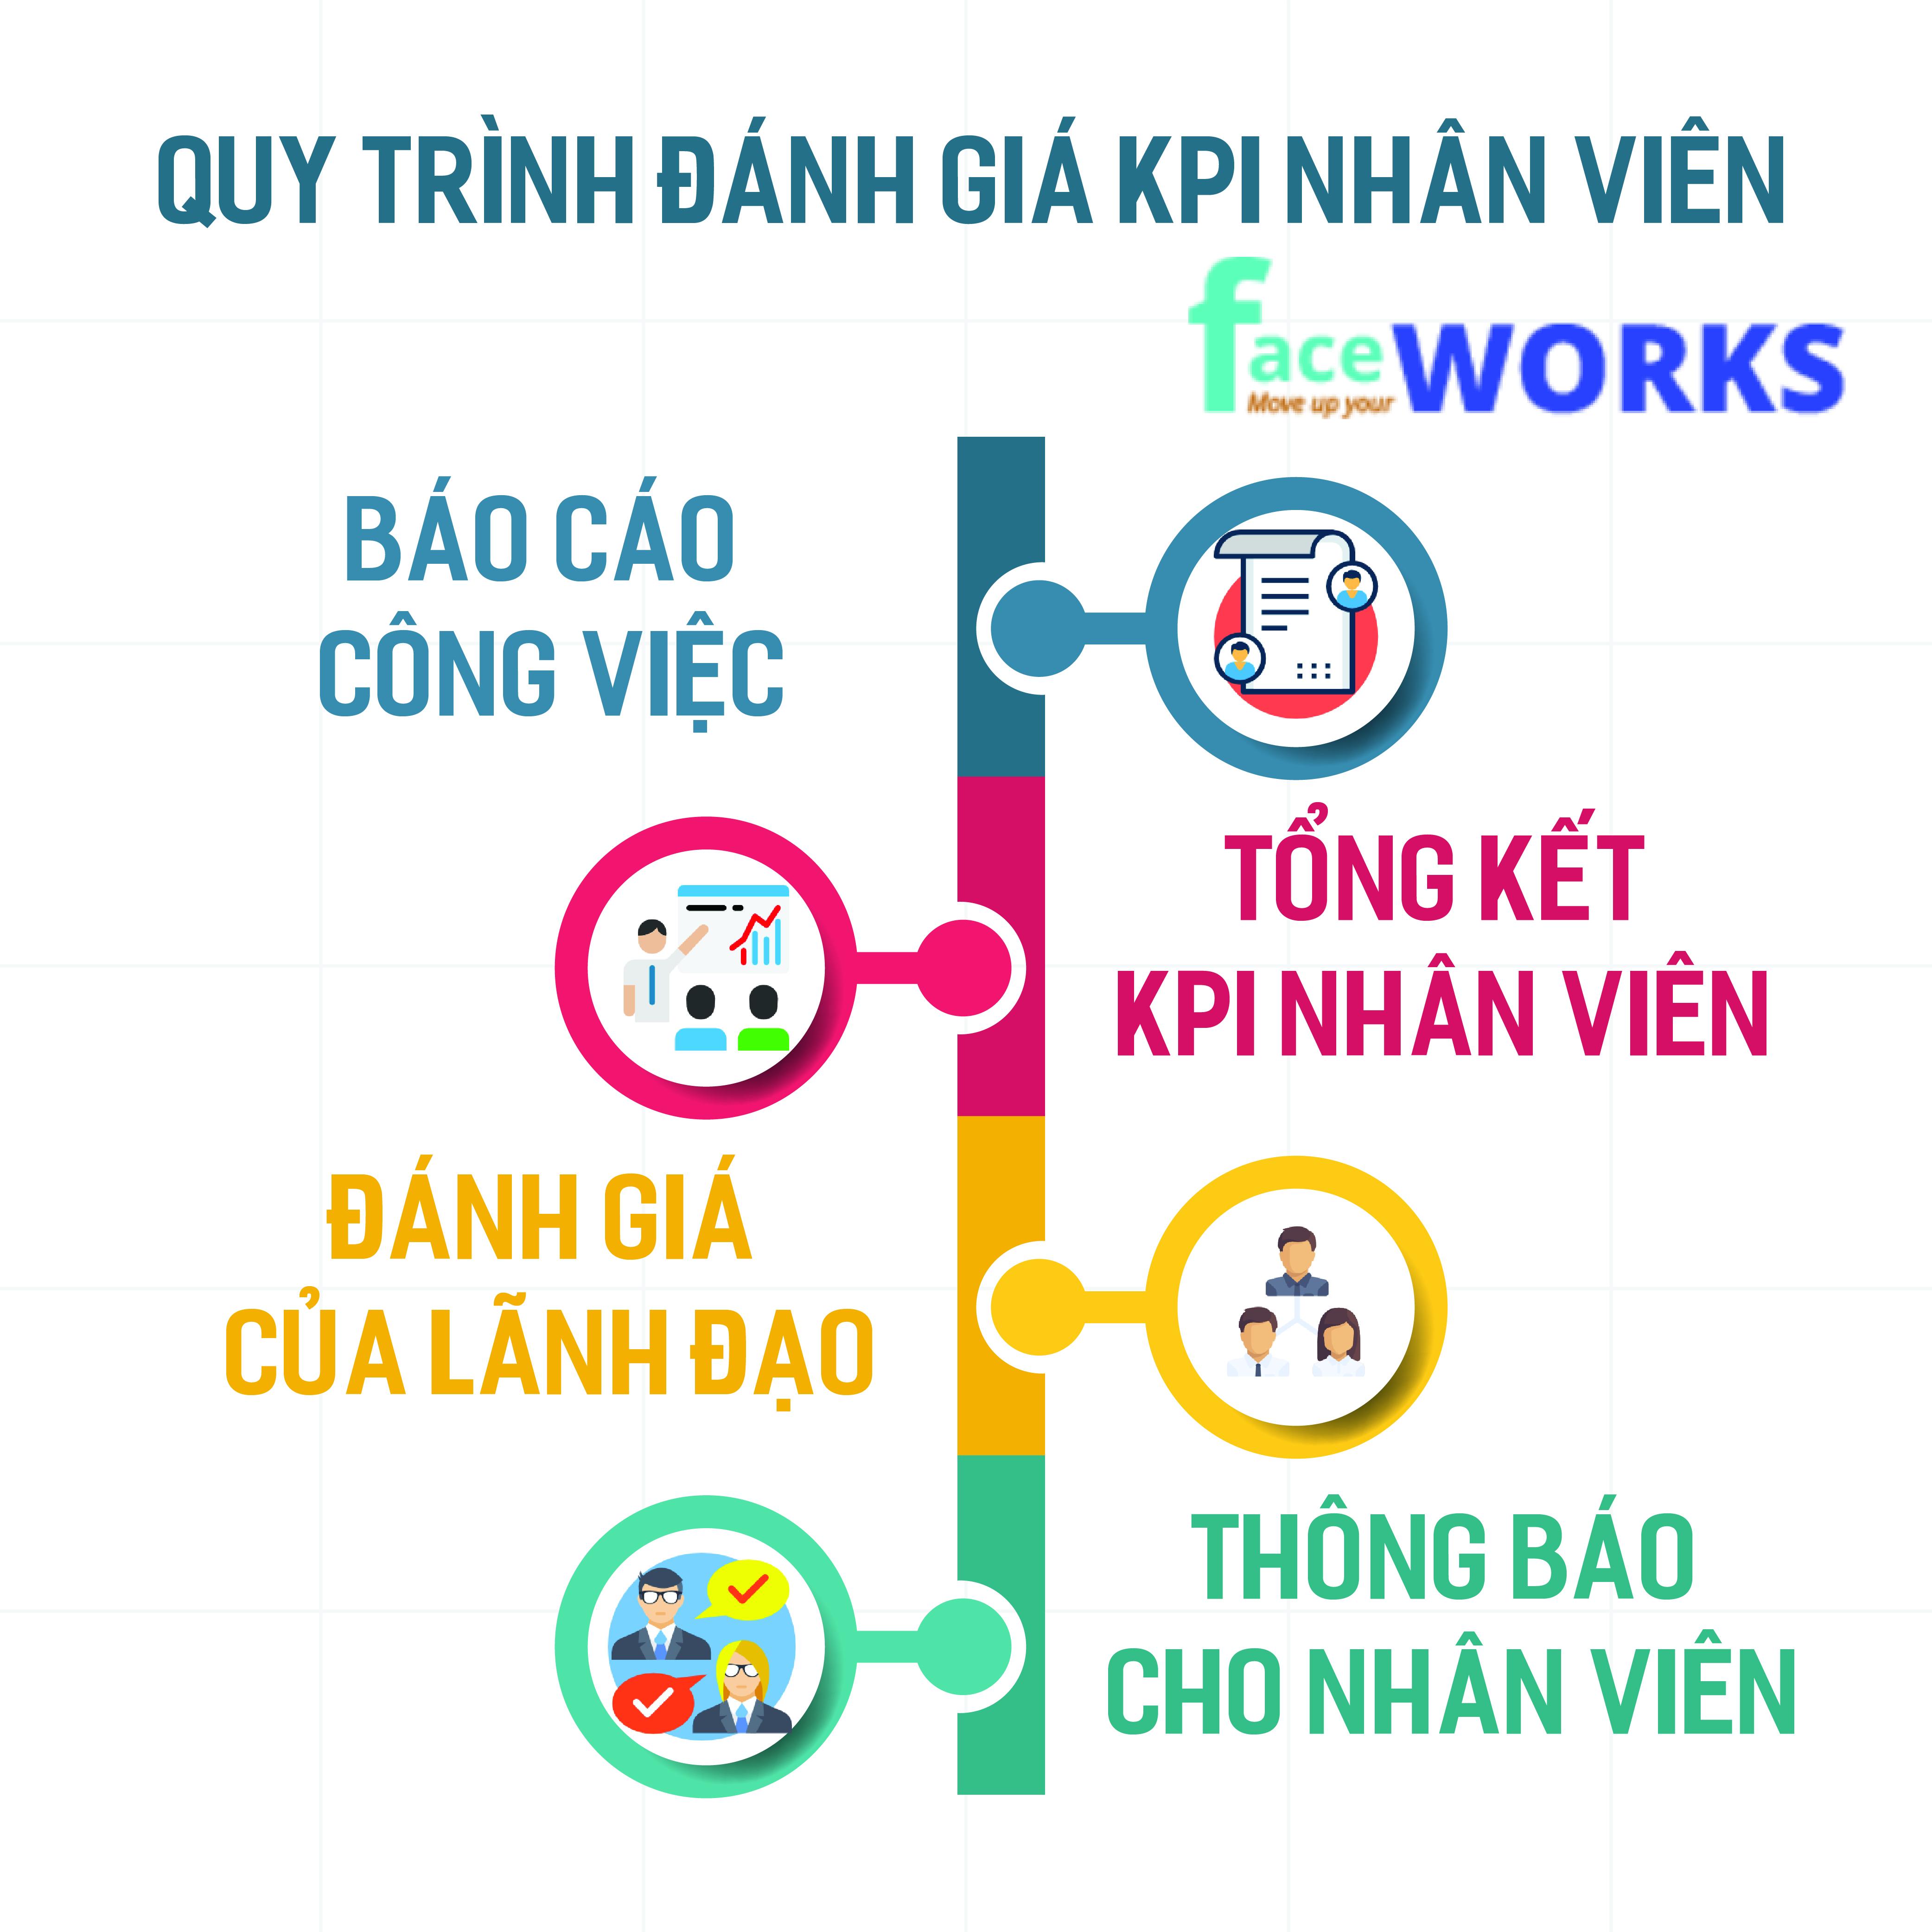 QUY TRINH DANH GIA KPI NHAN VIEN-01